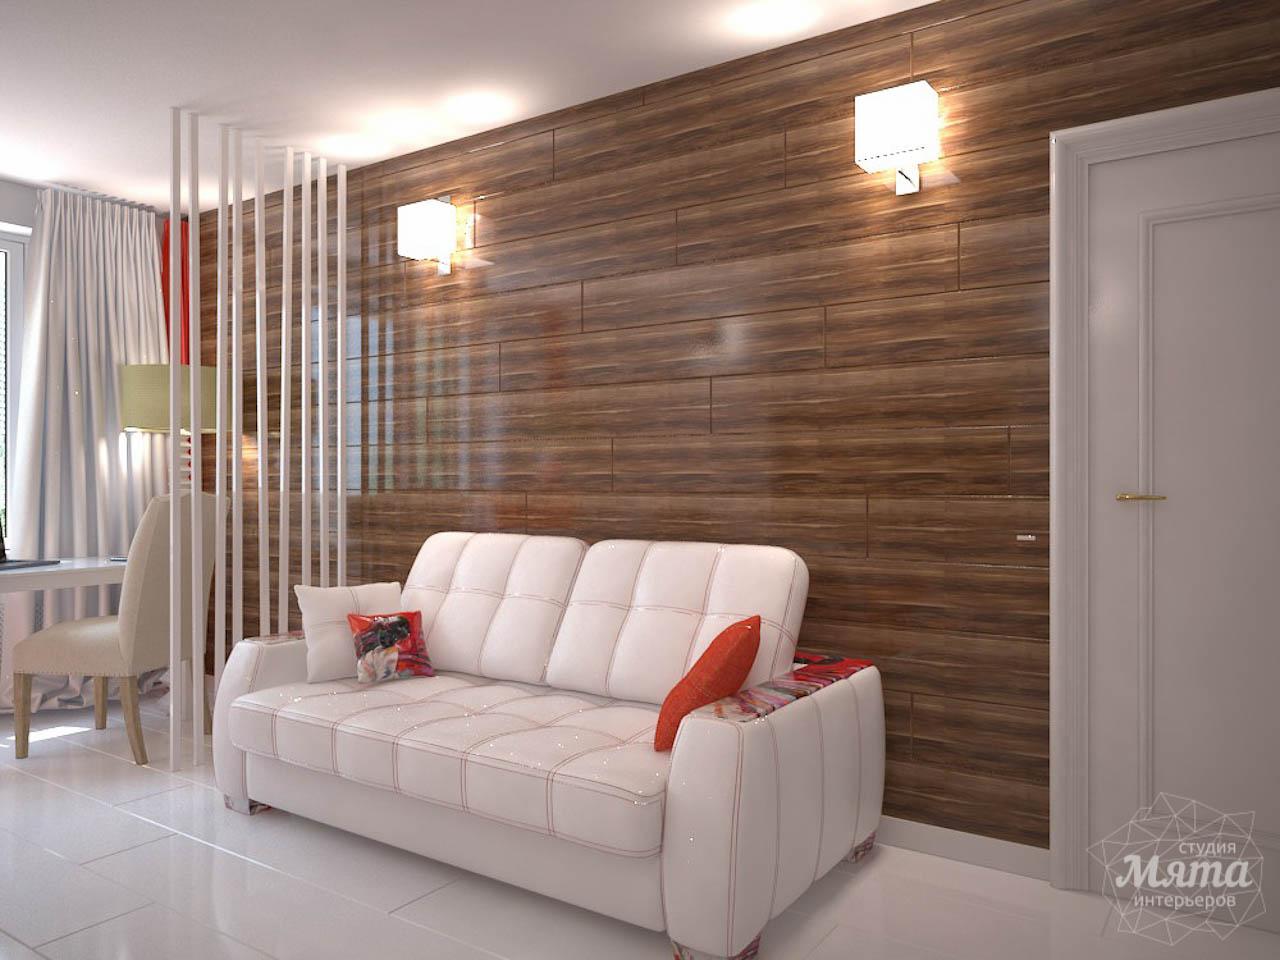 Дизайн интерьера однокомнатной квартиры в стиле минимализм по ул. Чапаева 30 img1689981956